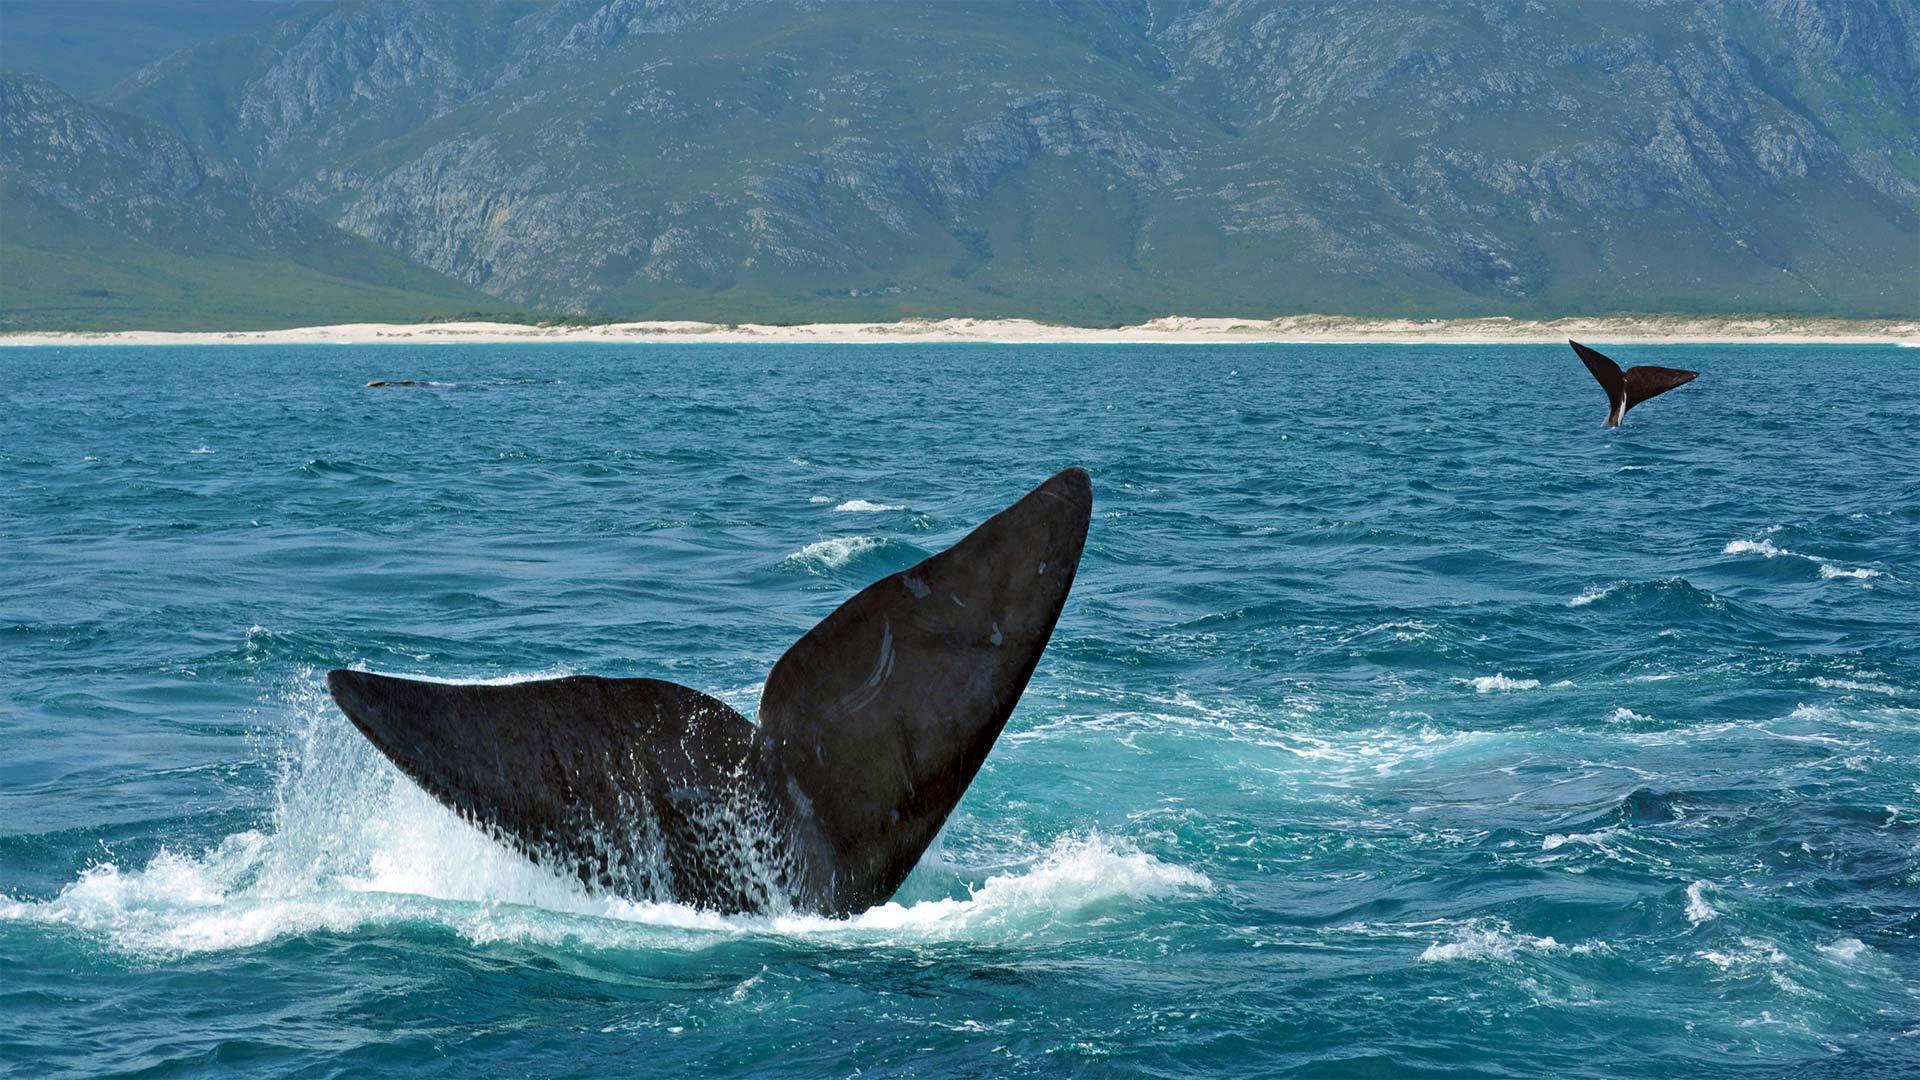 鲸鱼节的盛大狂欢